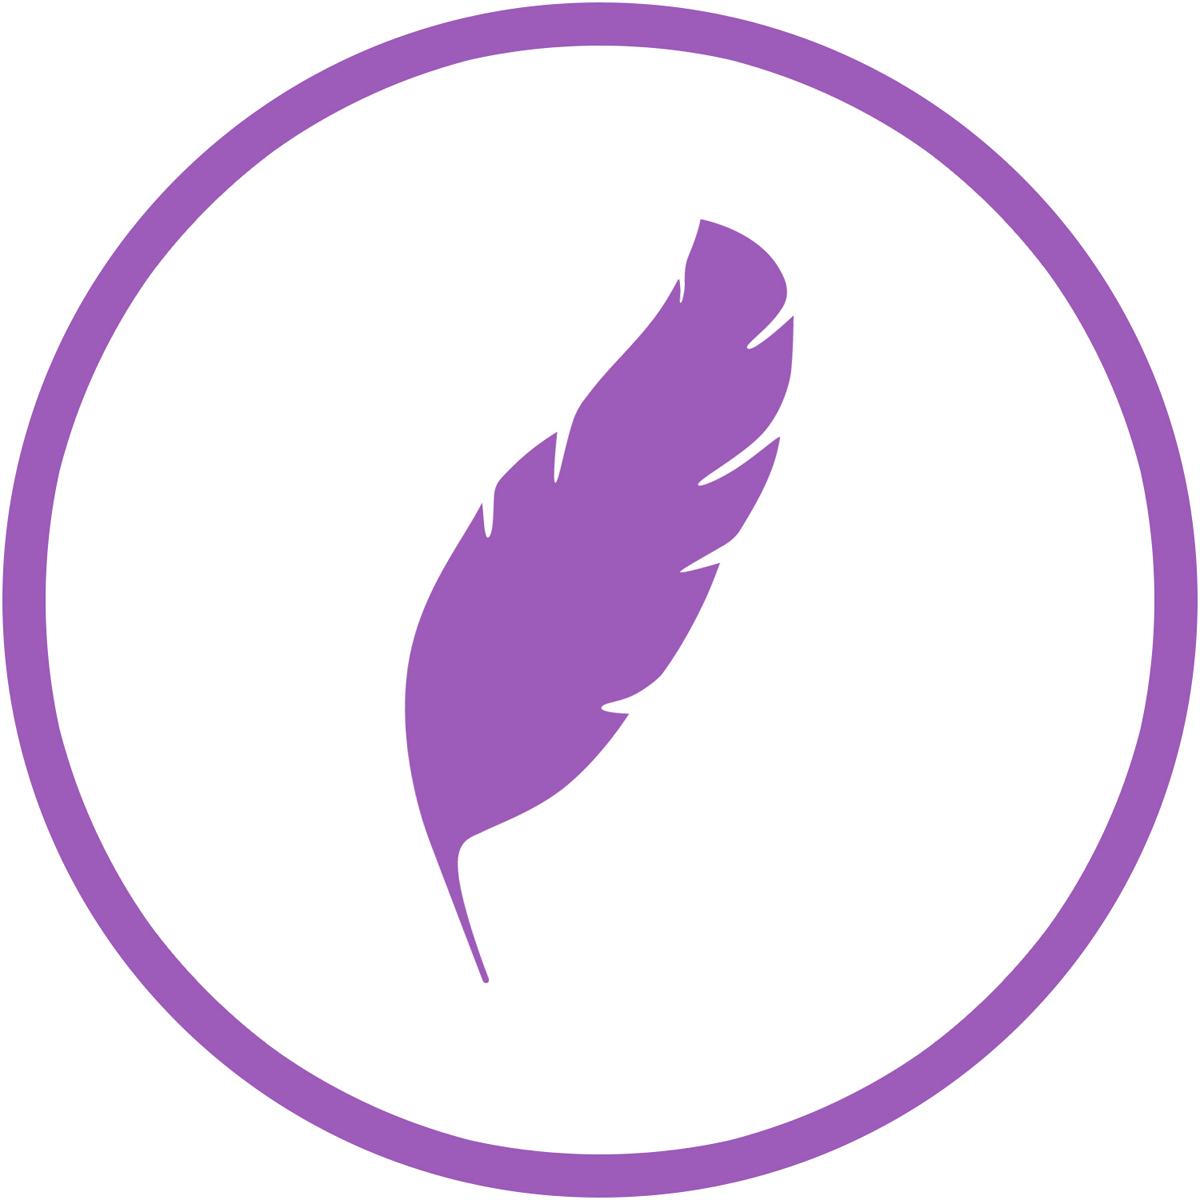 Appus logo